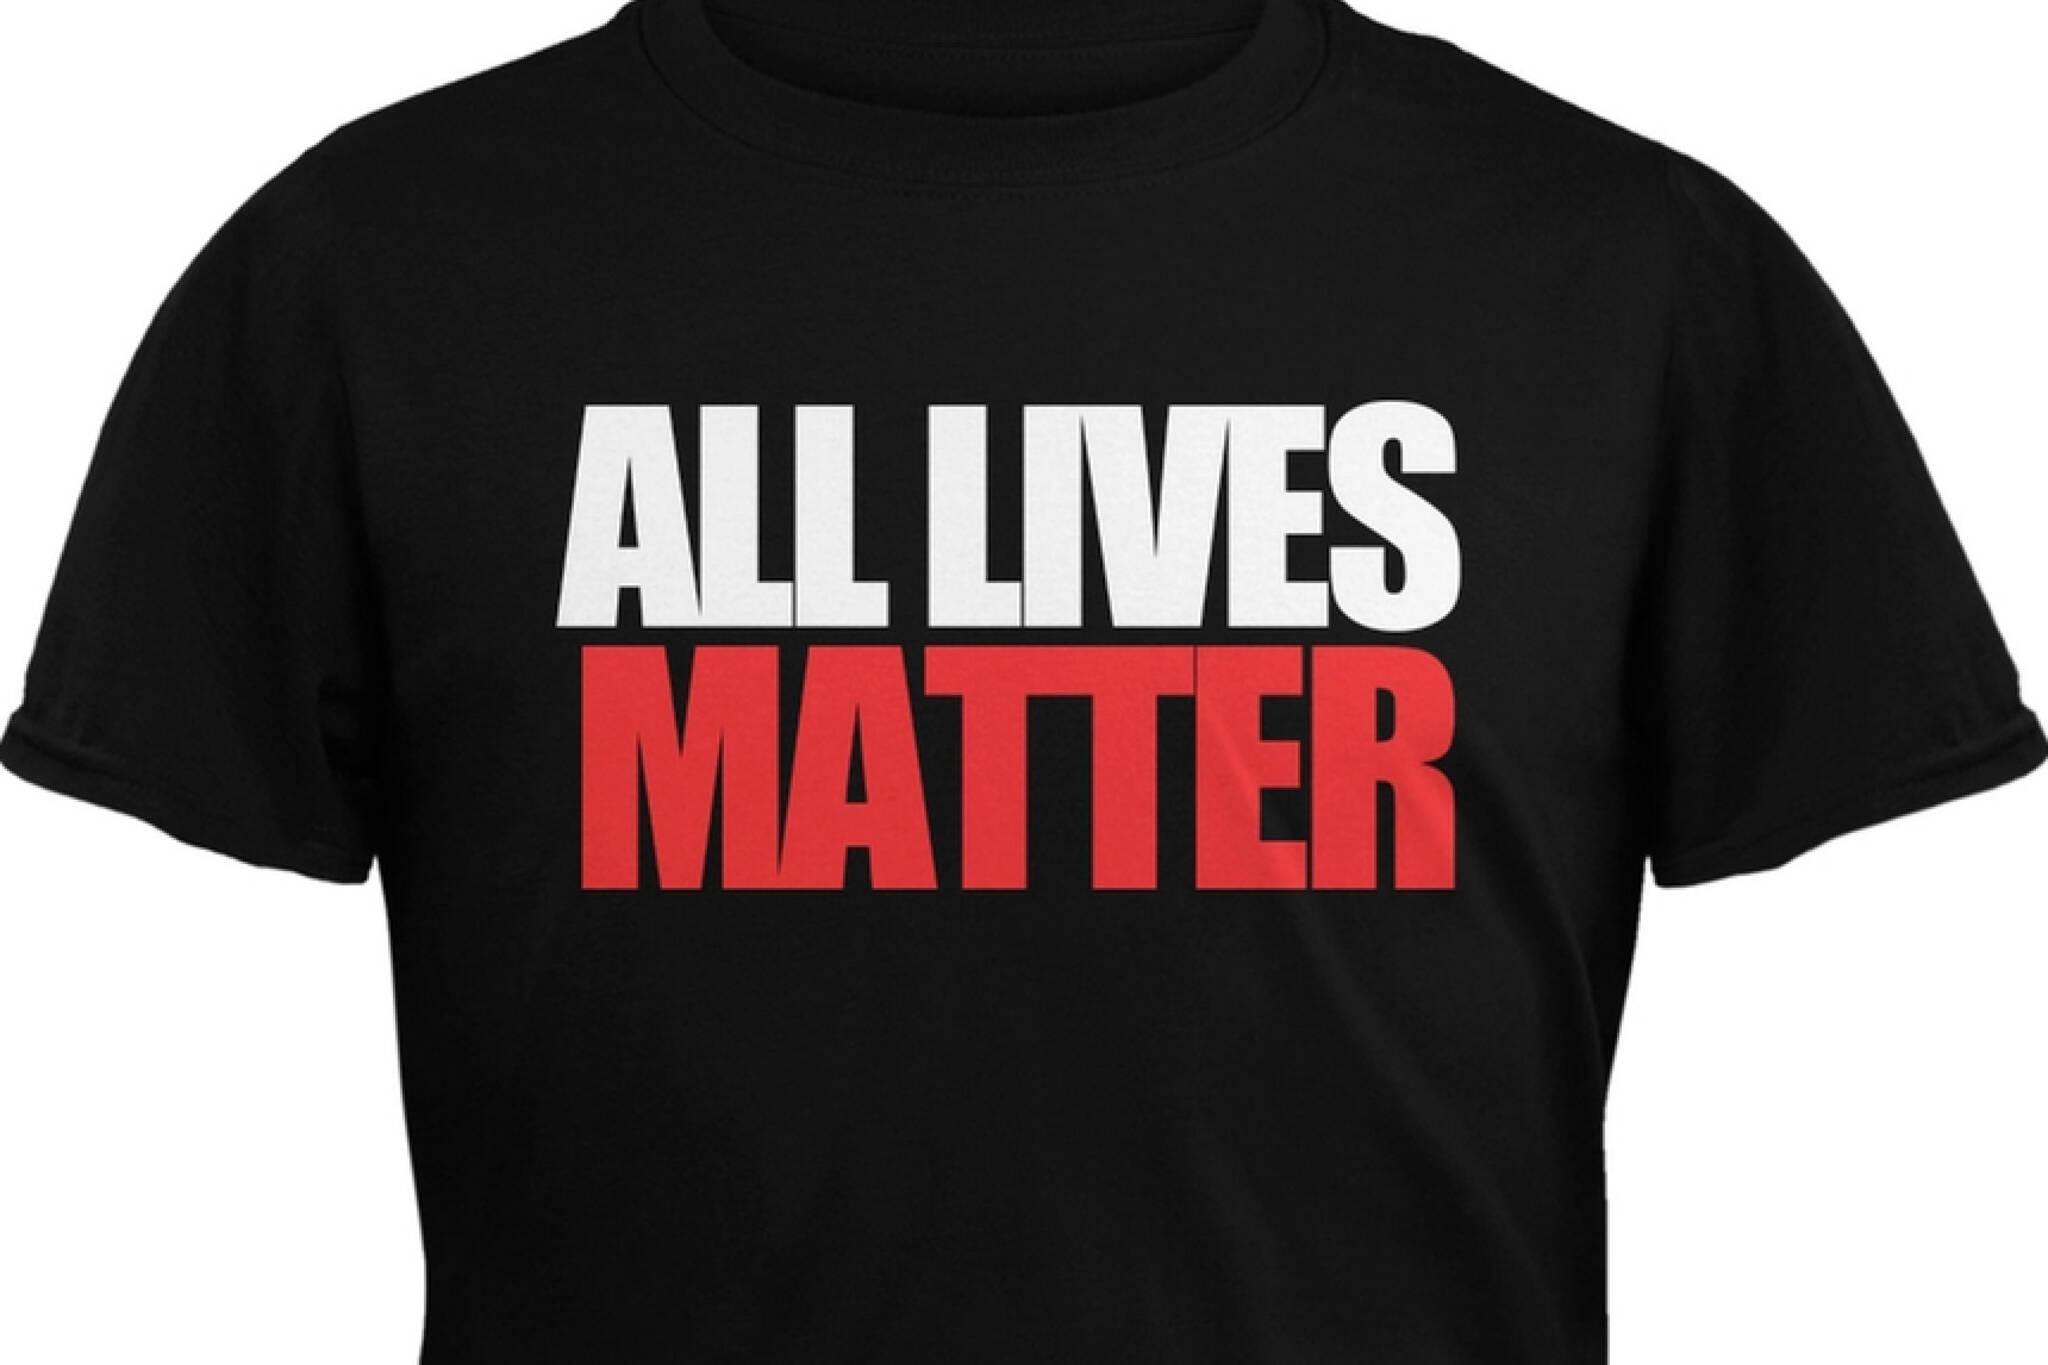 walmart all lives matter